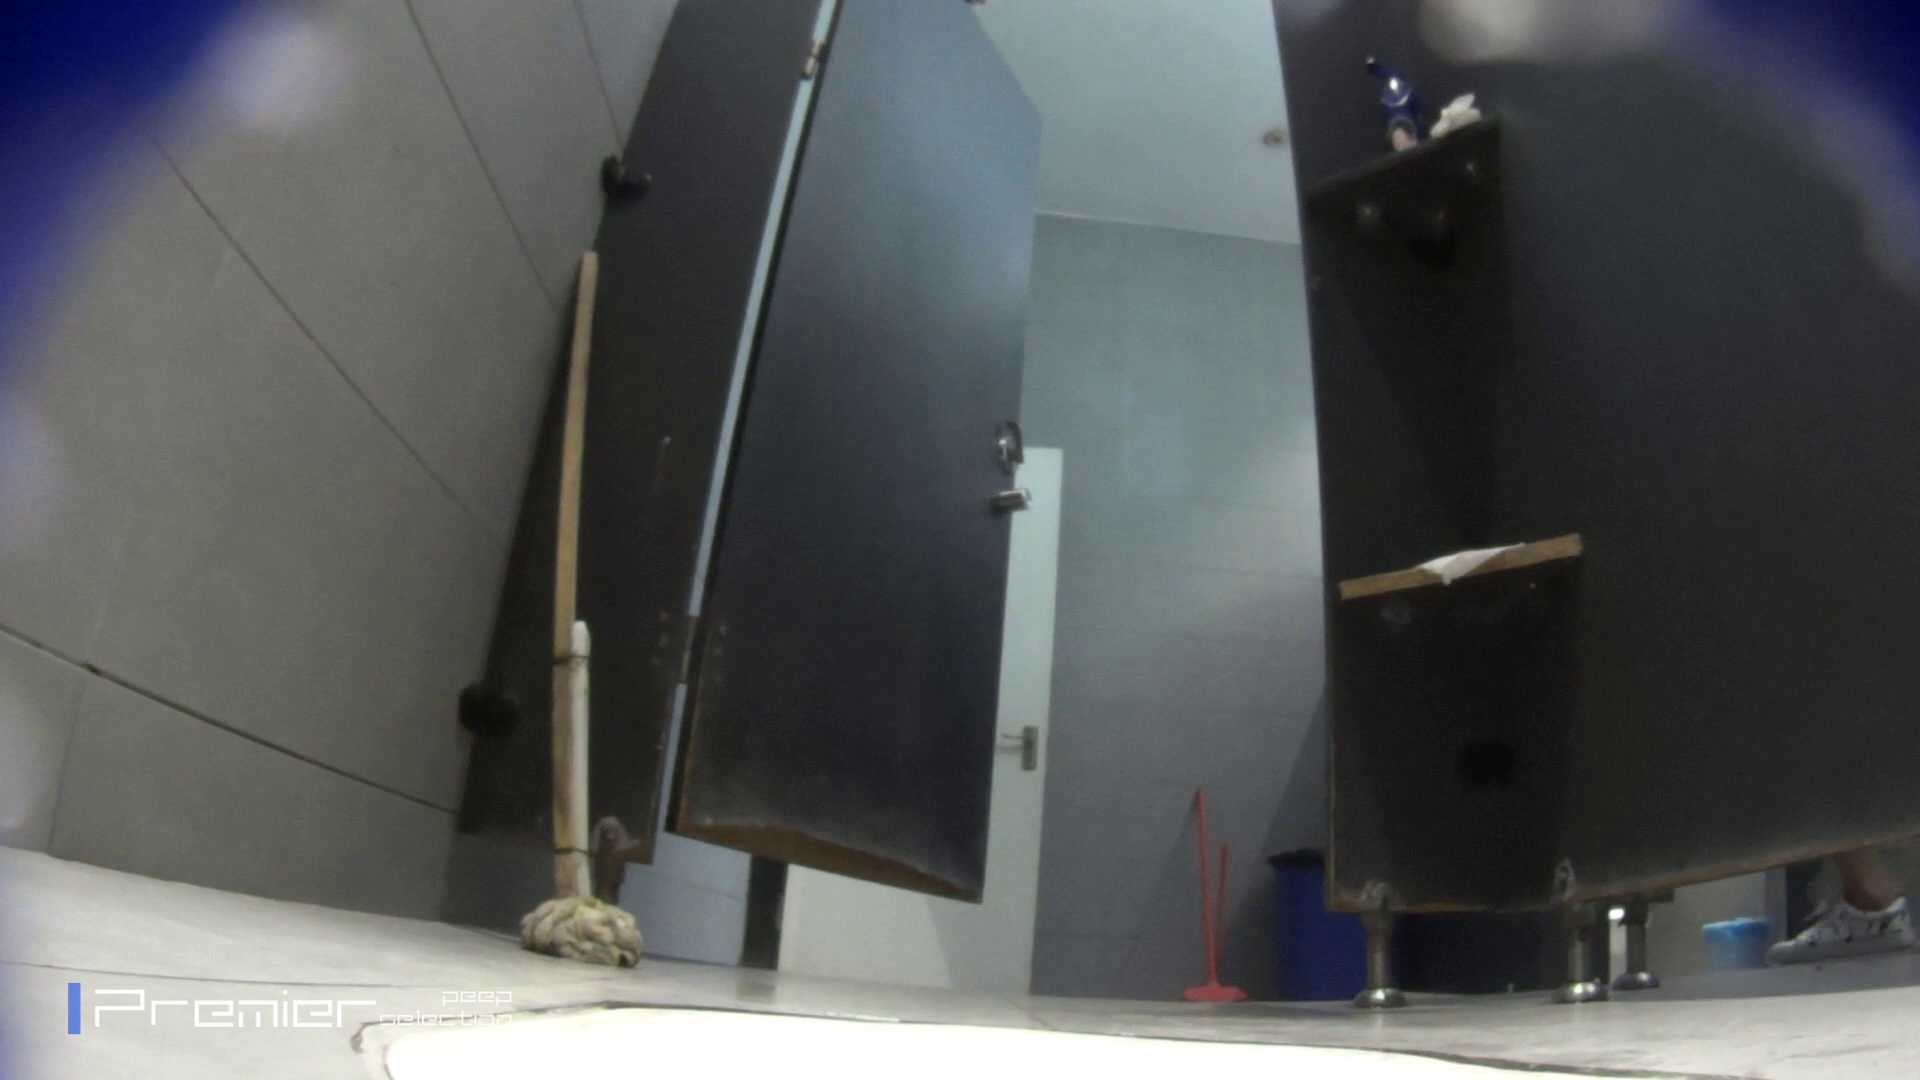 個室のドアを開けたまま放nyoする乙女 大学休憩時間の洗面所事情85 洗面所 | 細身  96画像 47